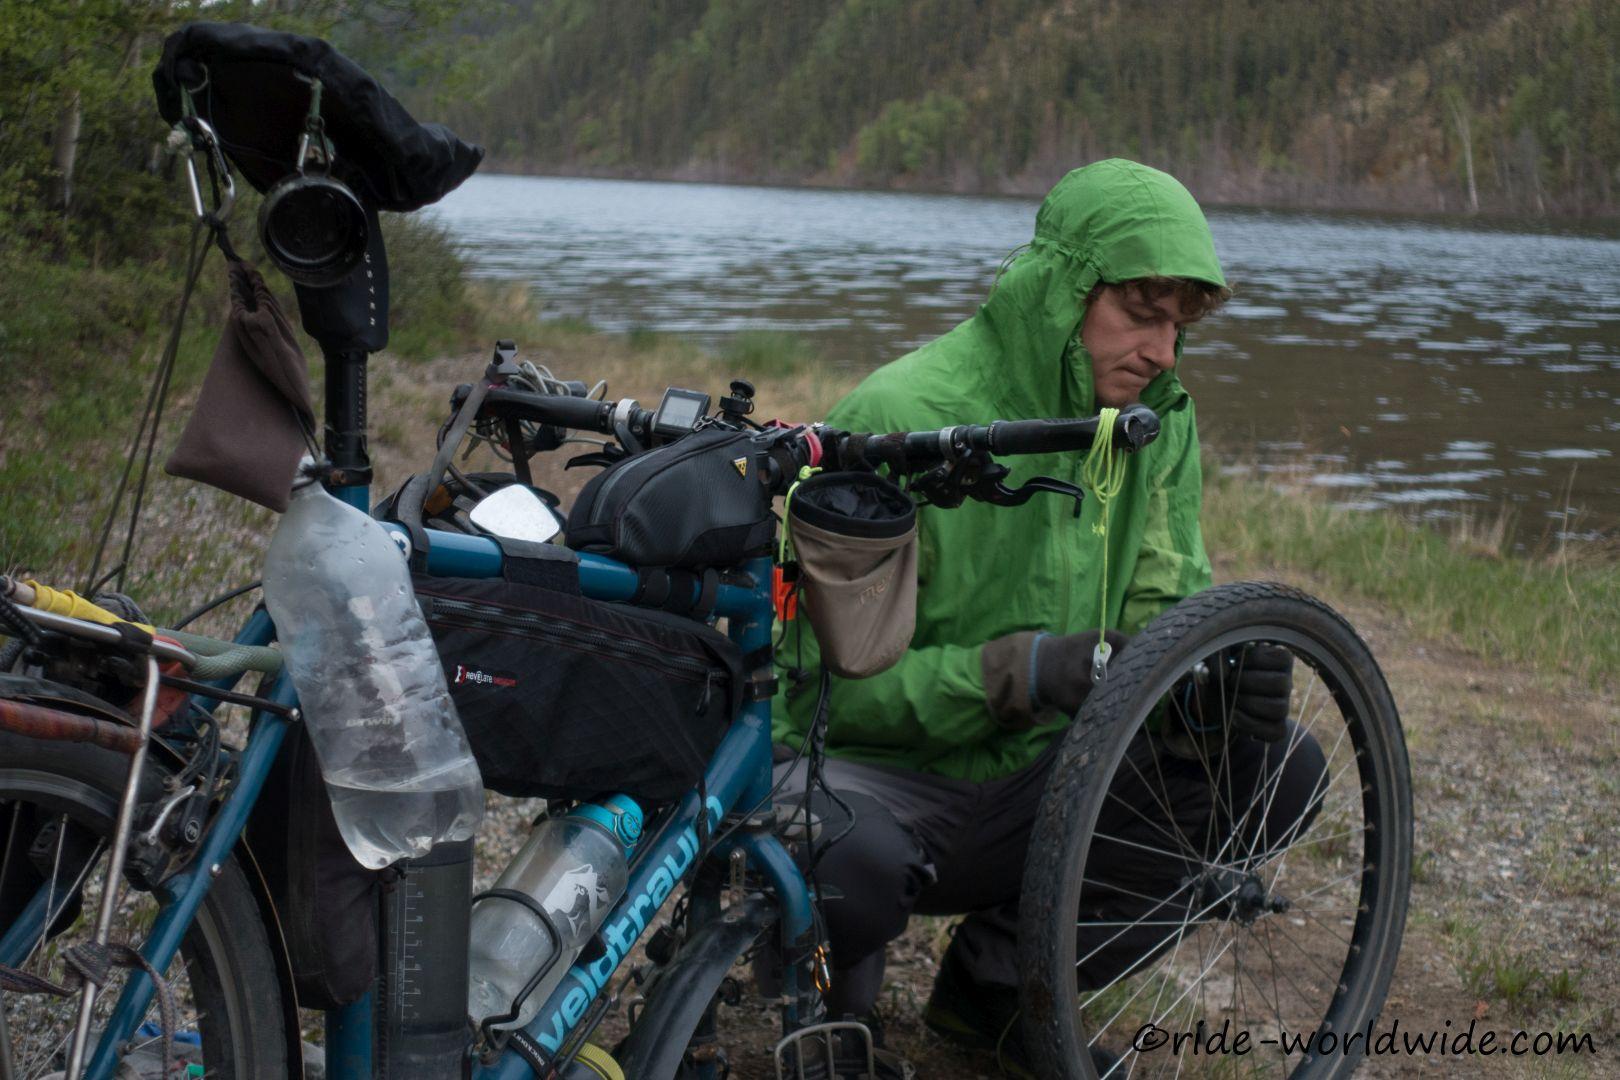 23.398 km wieder ein schleichender Platten, durch einen Draht, am Vorderrad